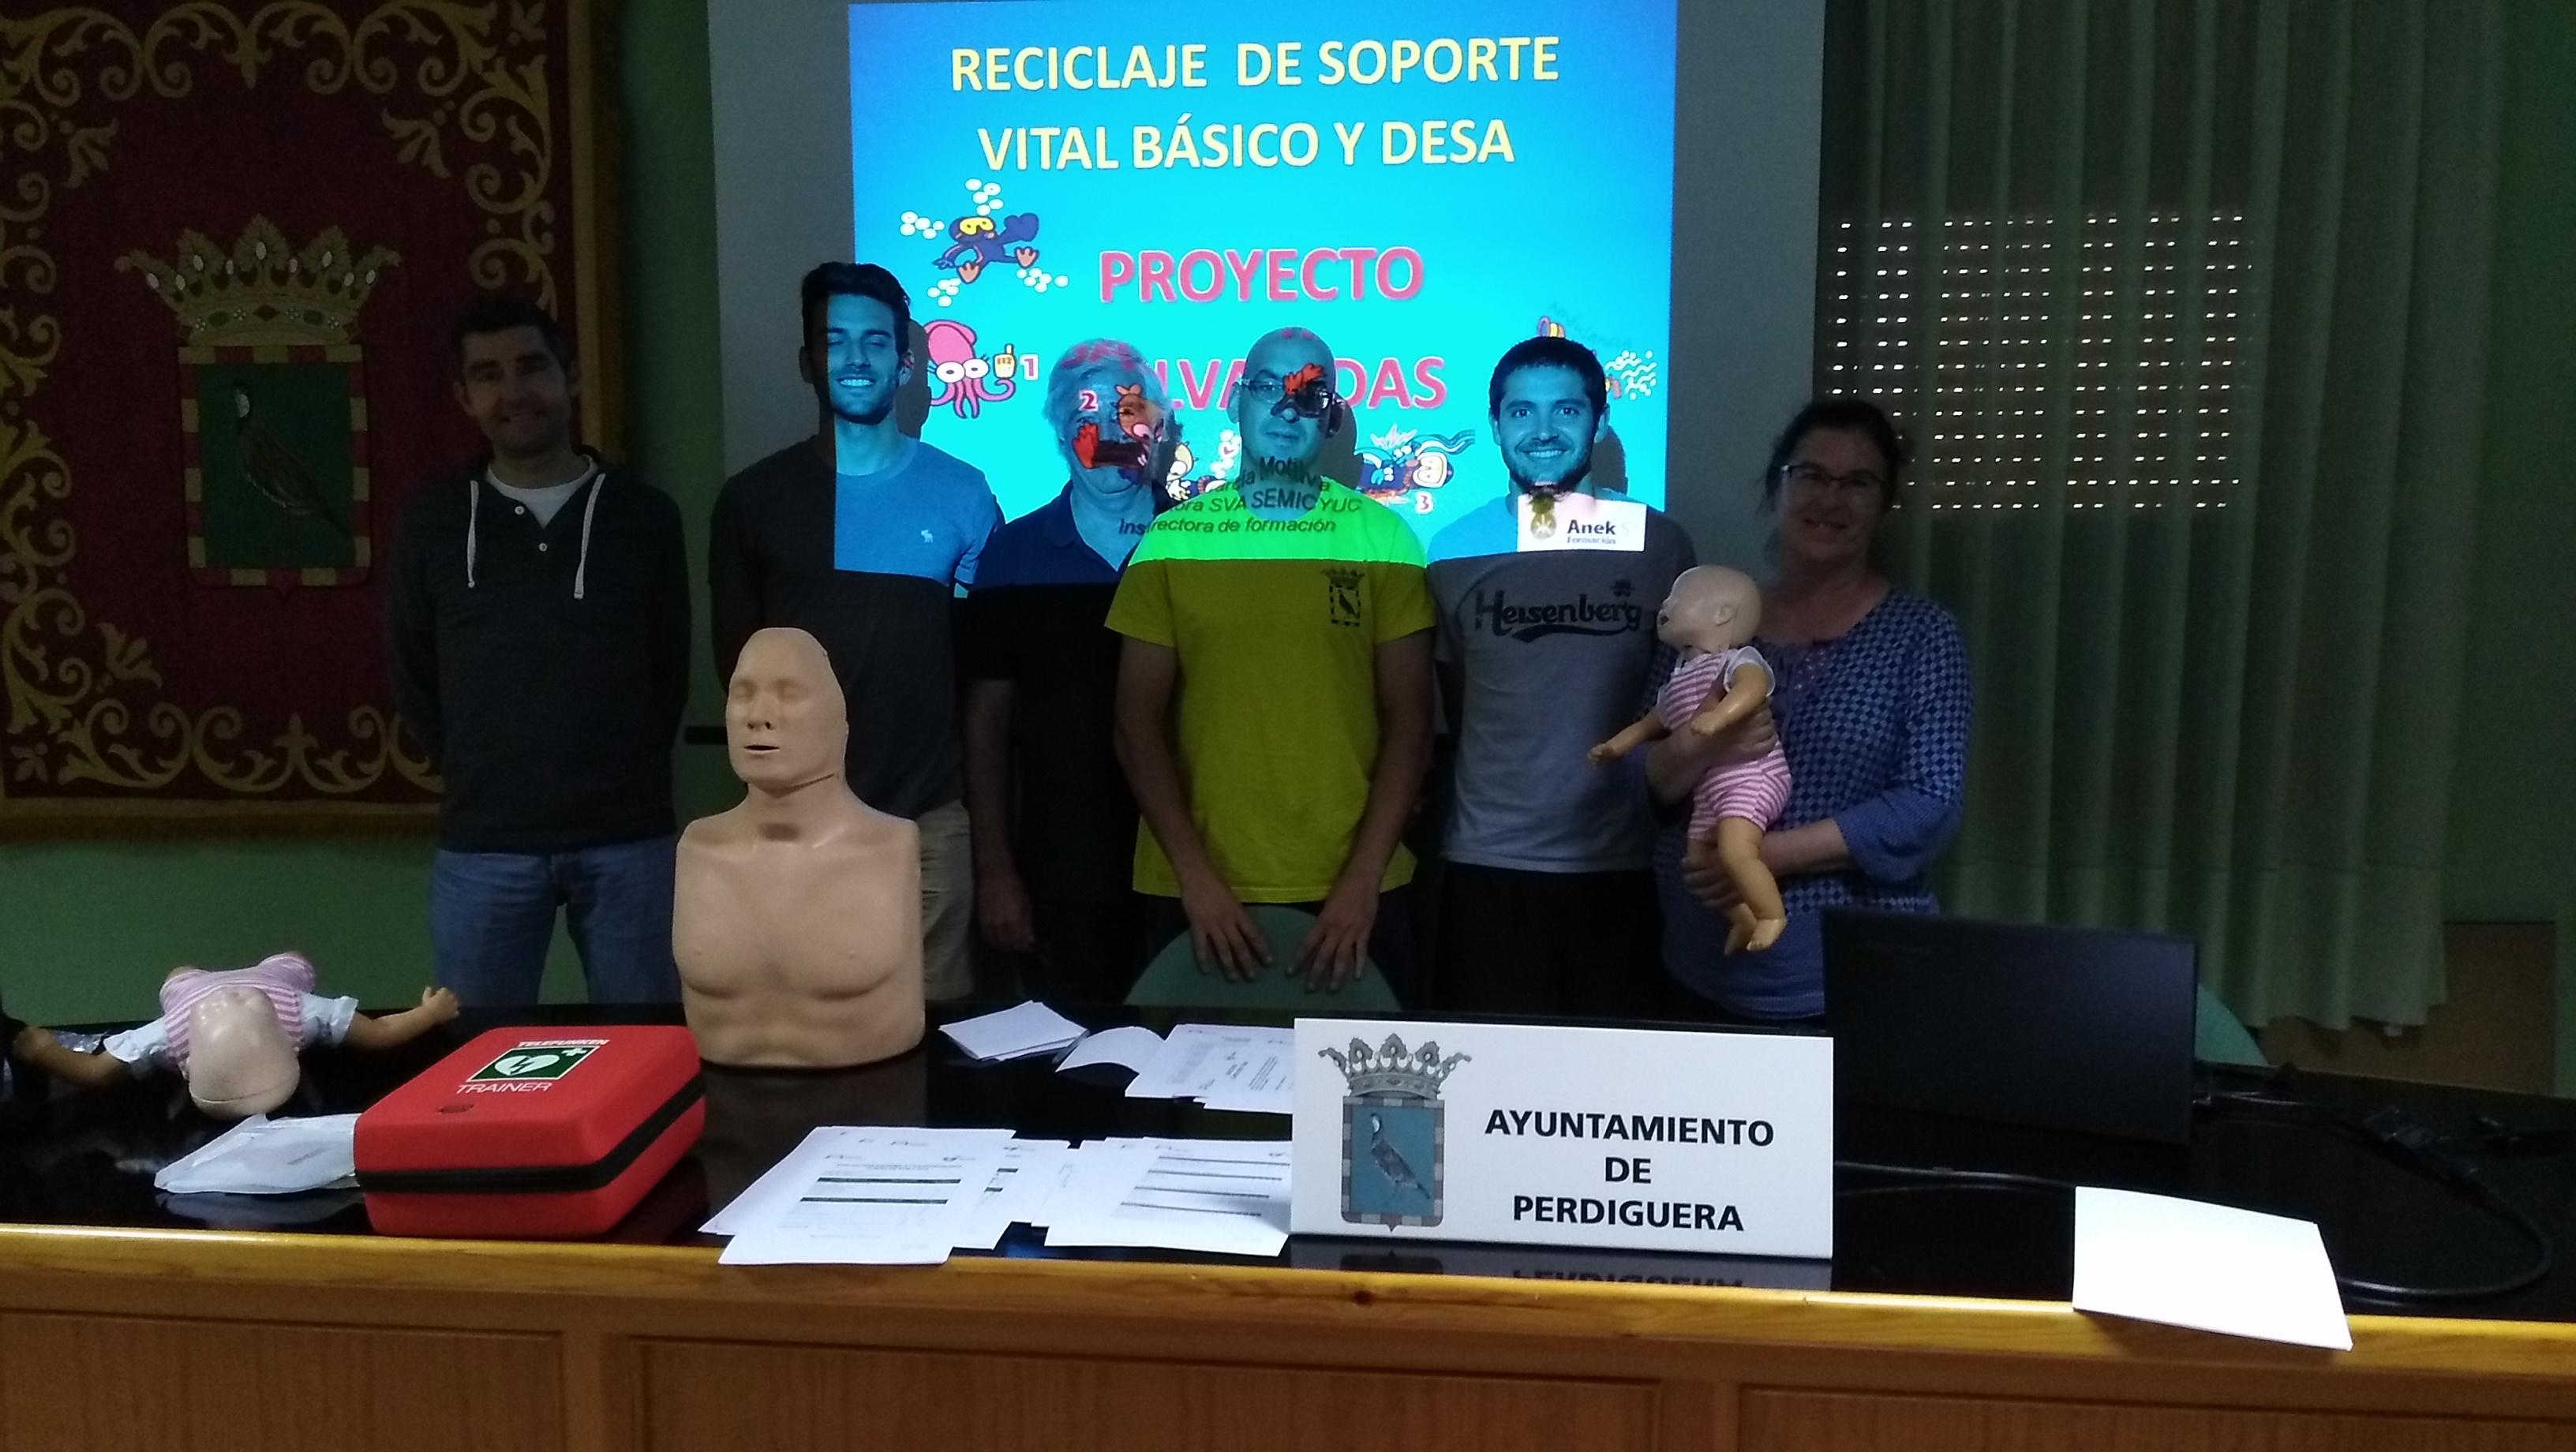 CURSO DE RECICLAJE DE DESA EN EL AYUNTAMIENTO DE PERDIGUERA